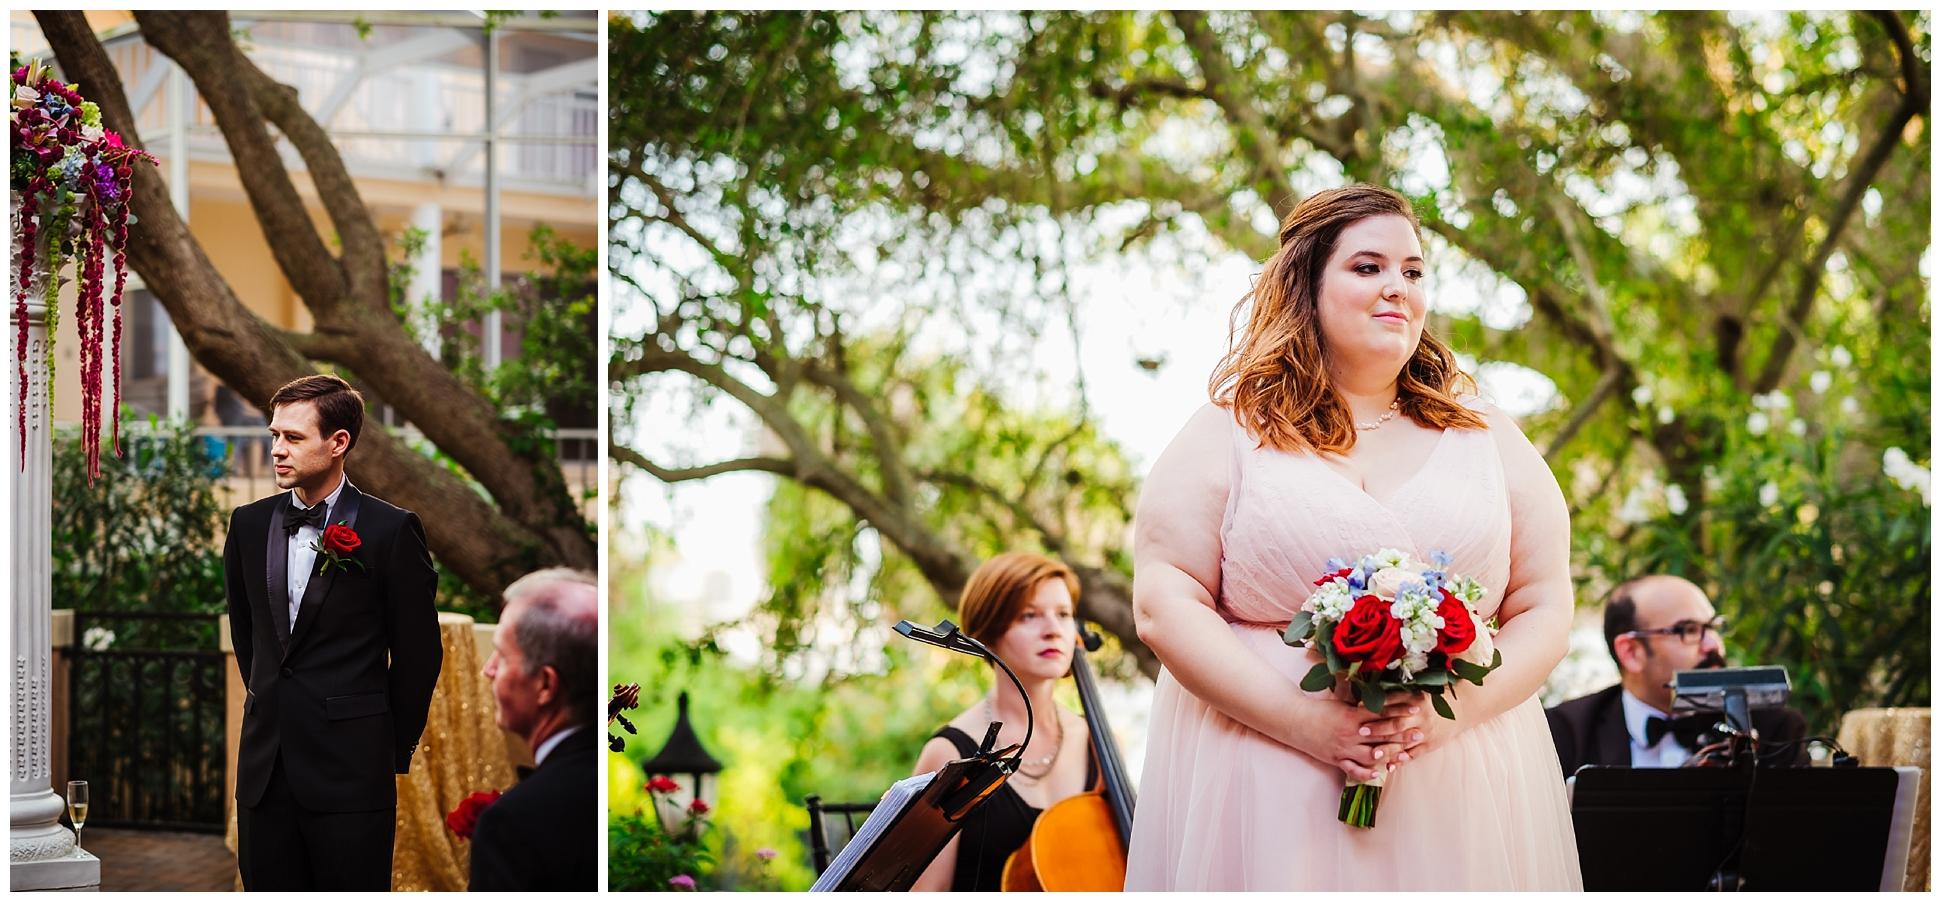 tierra-verde-st-pete-florida-home-luxury-wedding-greenery-pink-pixie-bride_0058.jpg